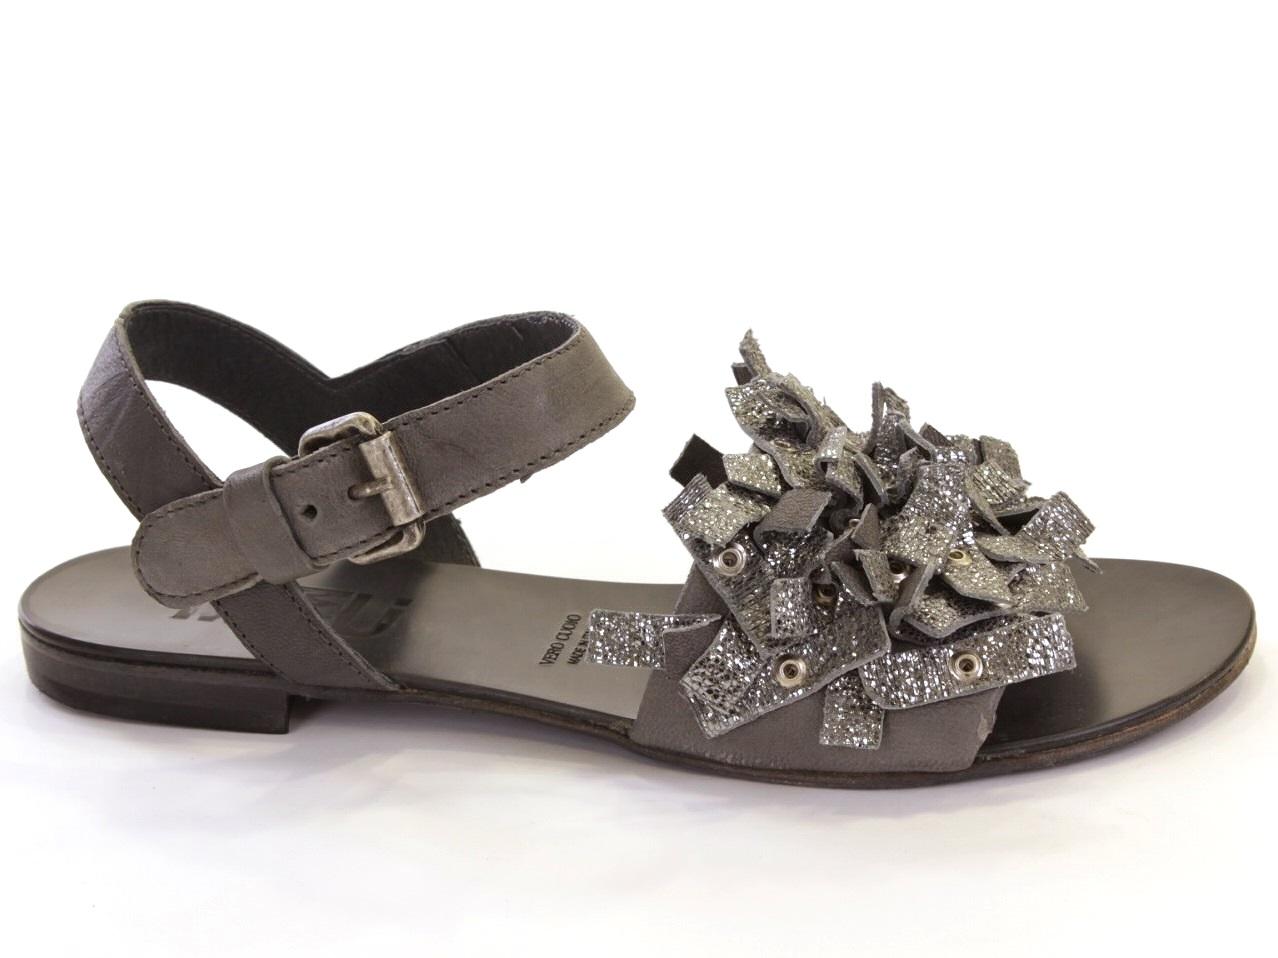 Sandales Plates Mimmui - 657 FLATX1